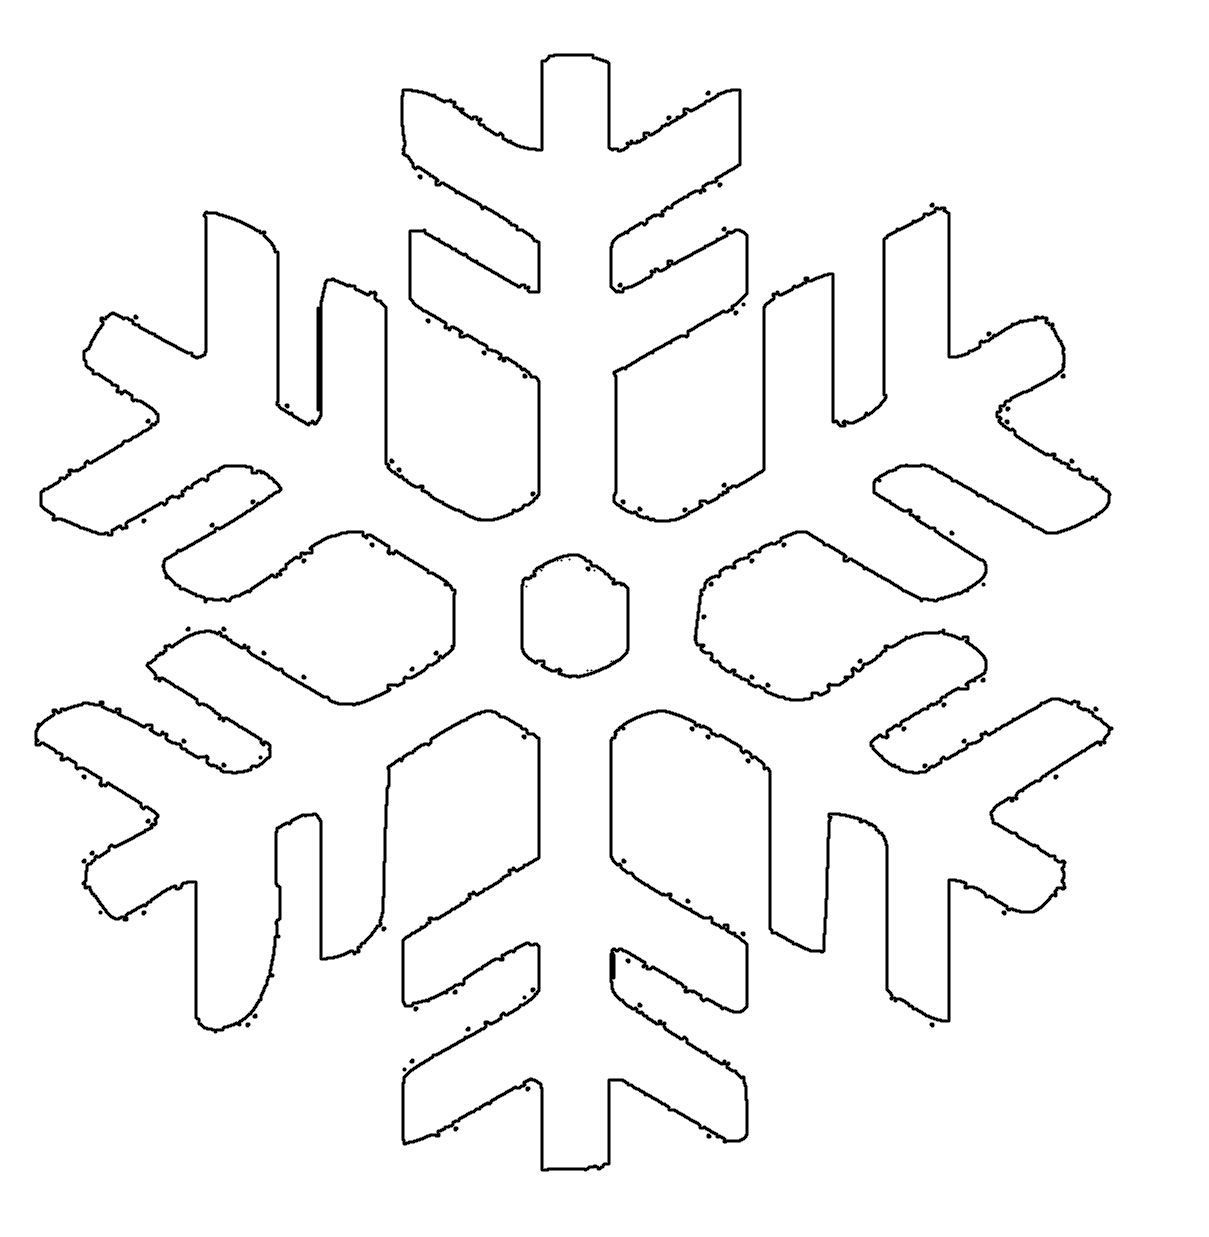 Malvorlage Schneesterne | Coloring And Malvorlagan in Schneeflocken Vorlagen Zum Ausschneiden